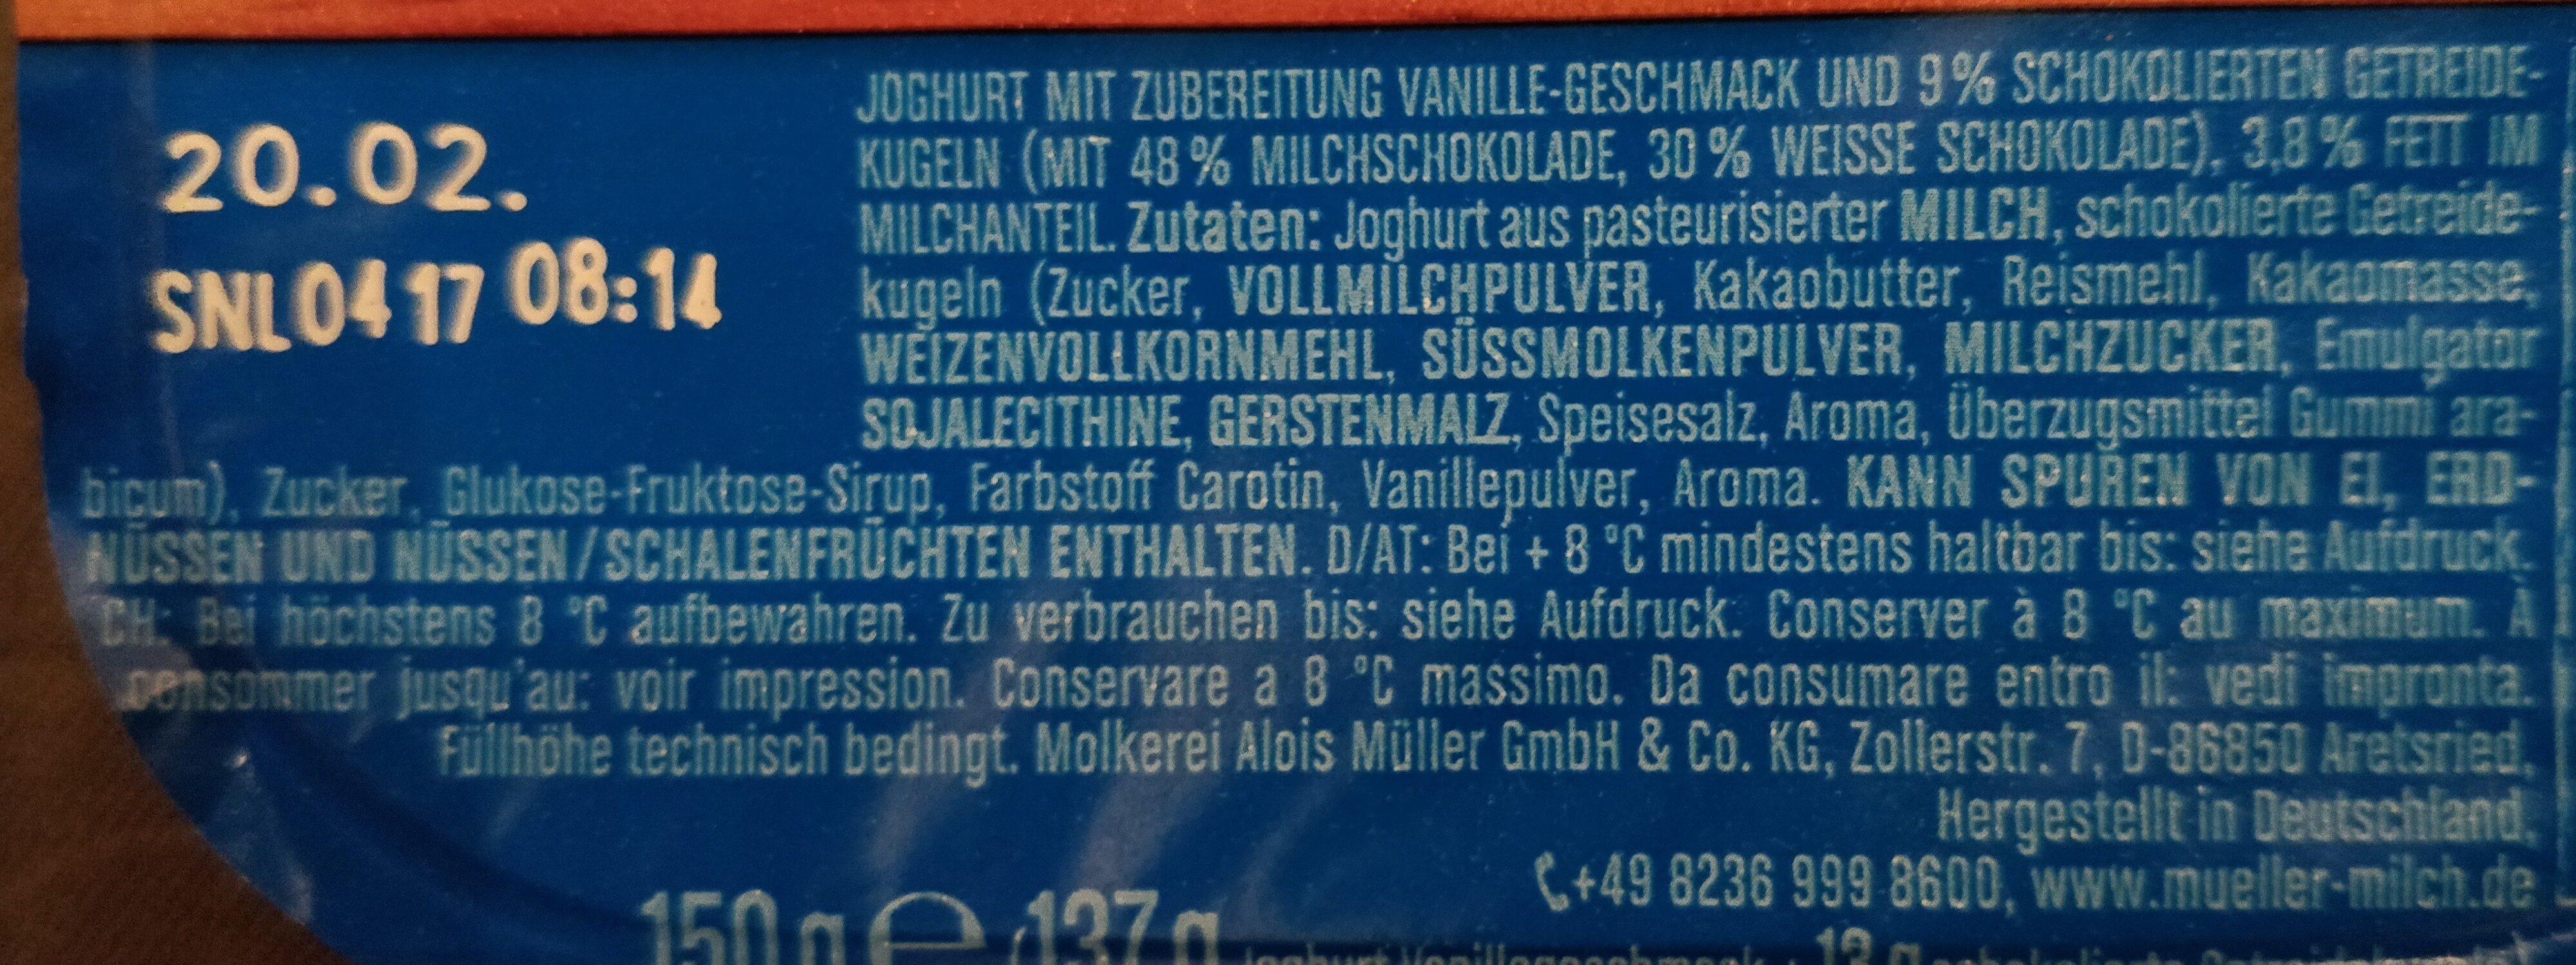 Joghurt mit der Ecke Schoko Balls - Zutaten - de